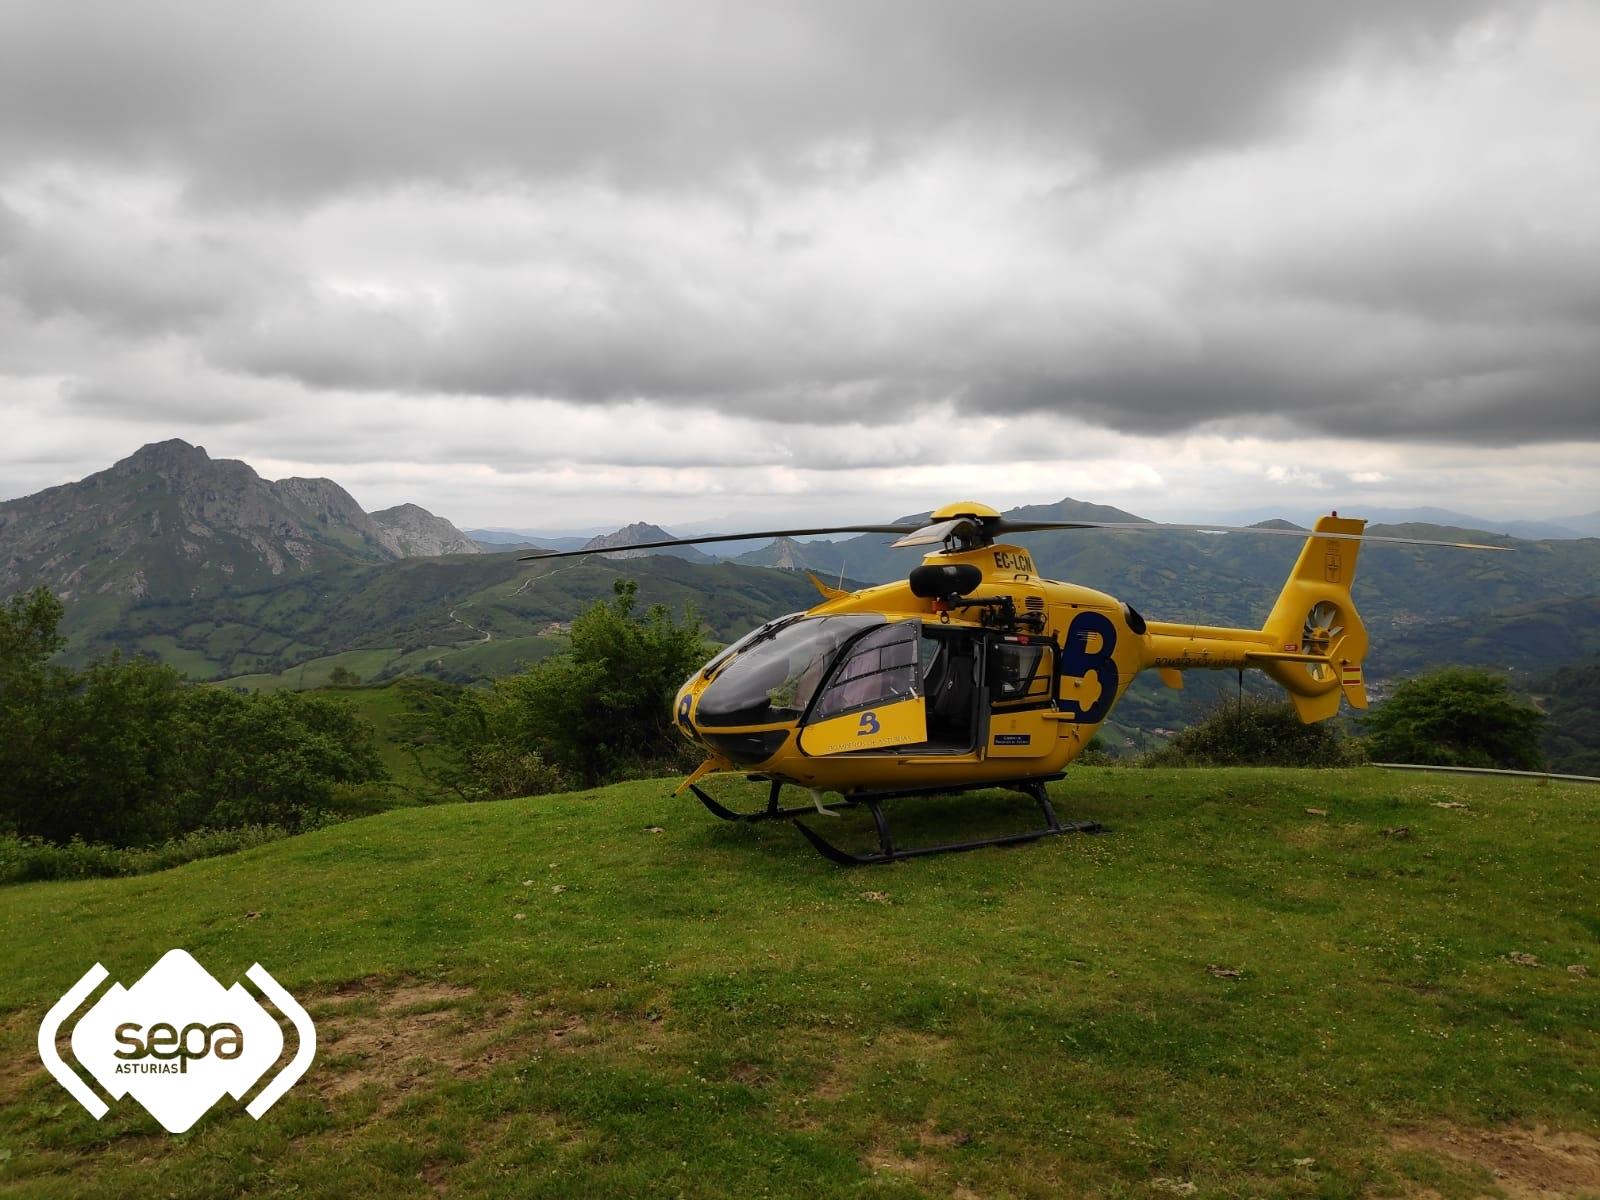 sepa mujer desaparecida asturias rescate montaña